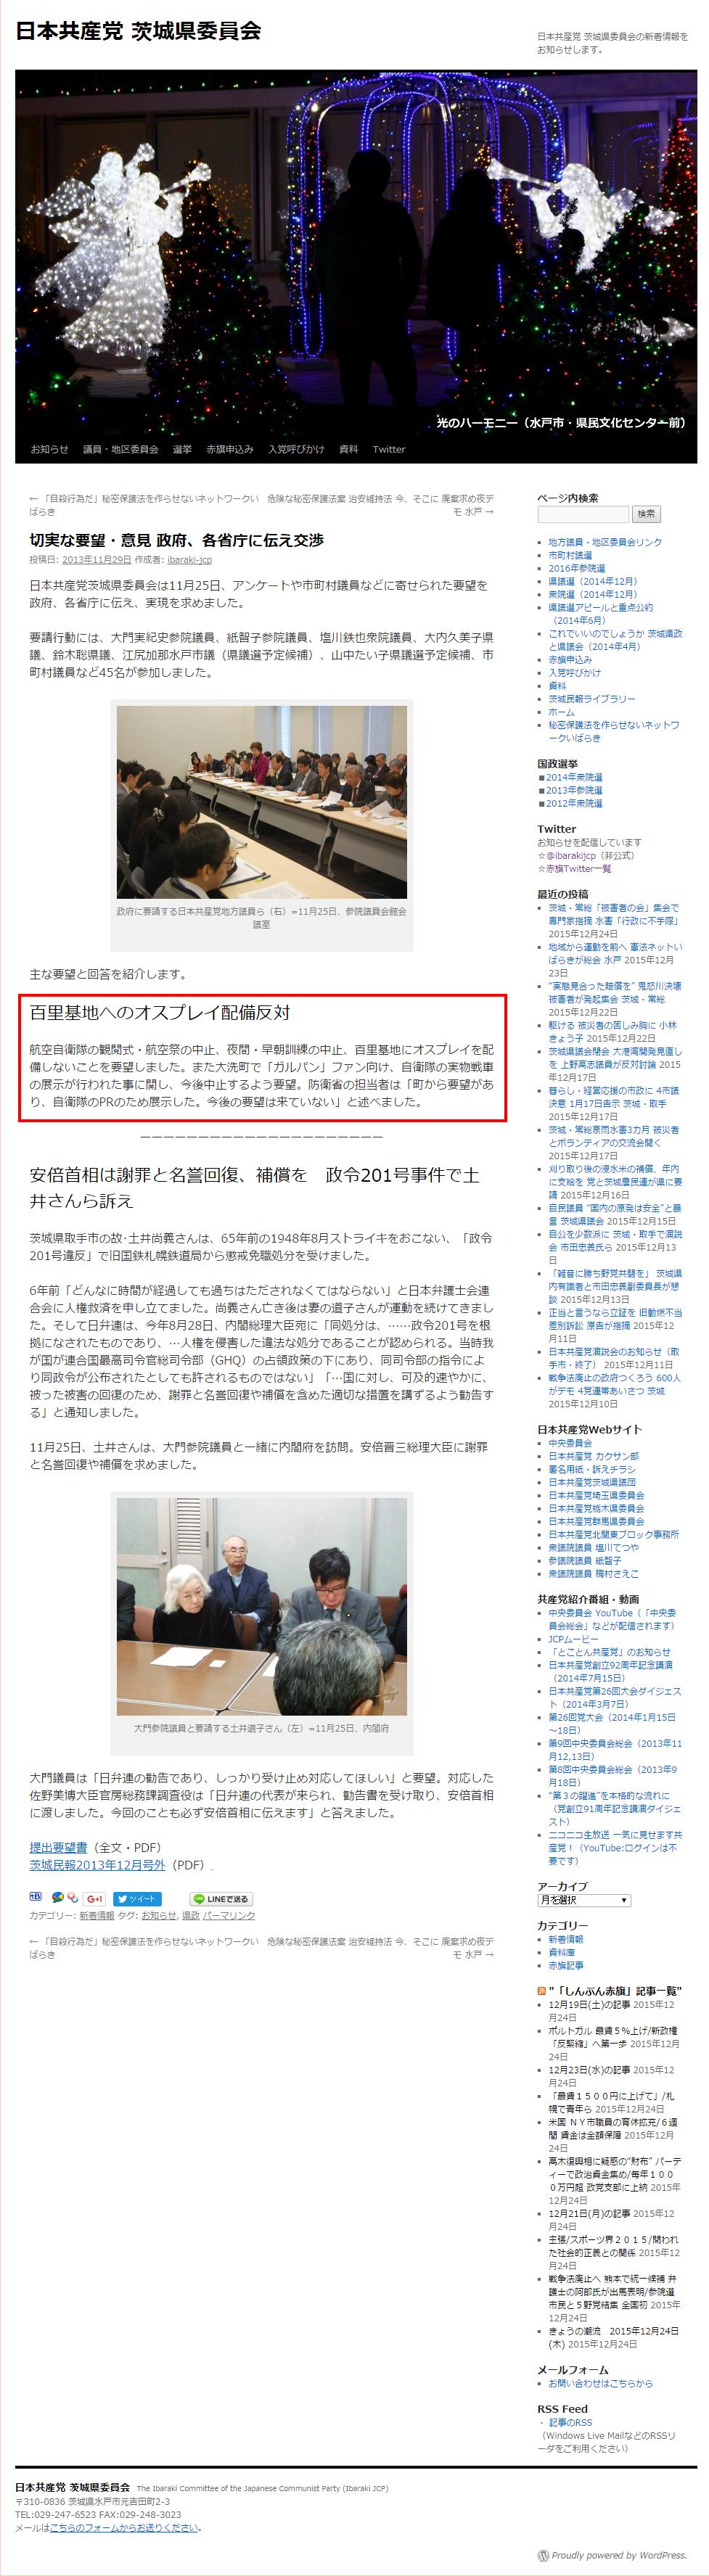 日本共産党 茨城県委員会